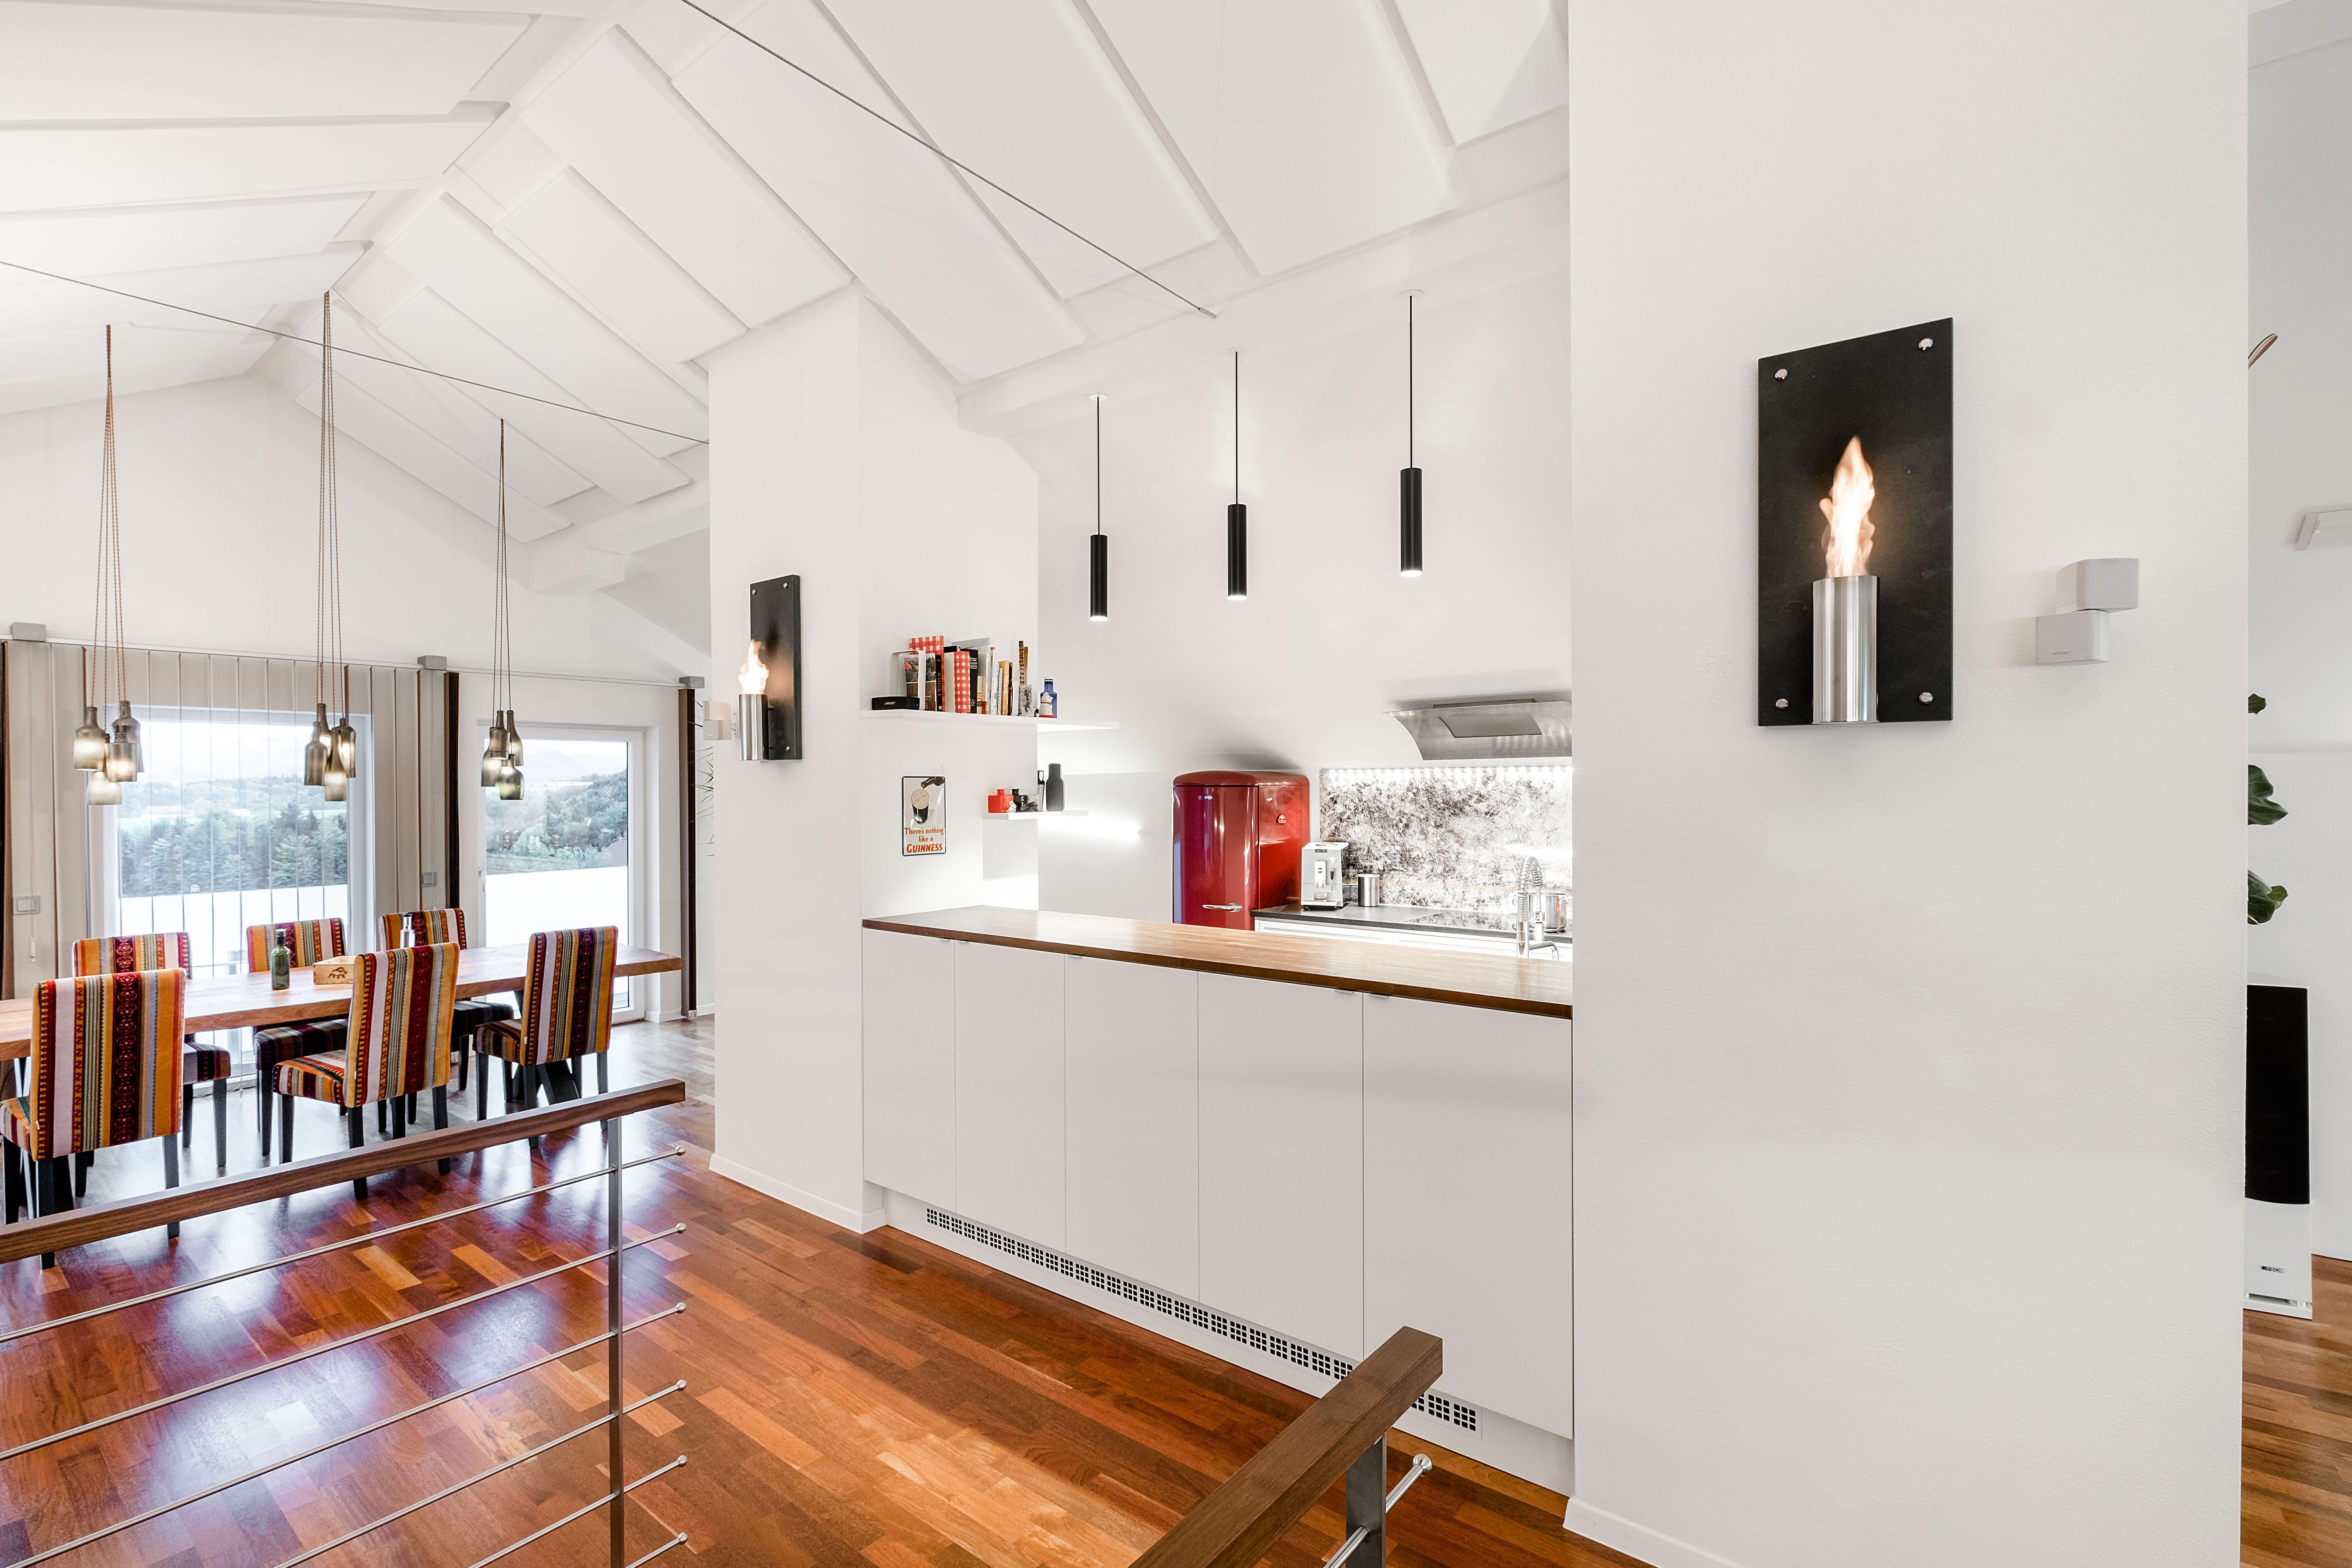 Lichtsteuerung Mit Loxone Atemberaubende Beleuchtung Kuchen Inspiration Lichtideen Lichtsteuerung